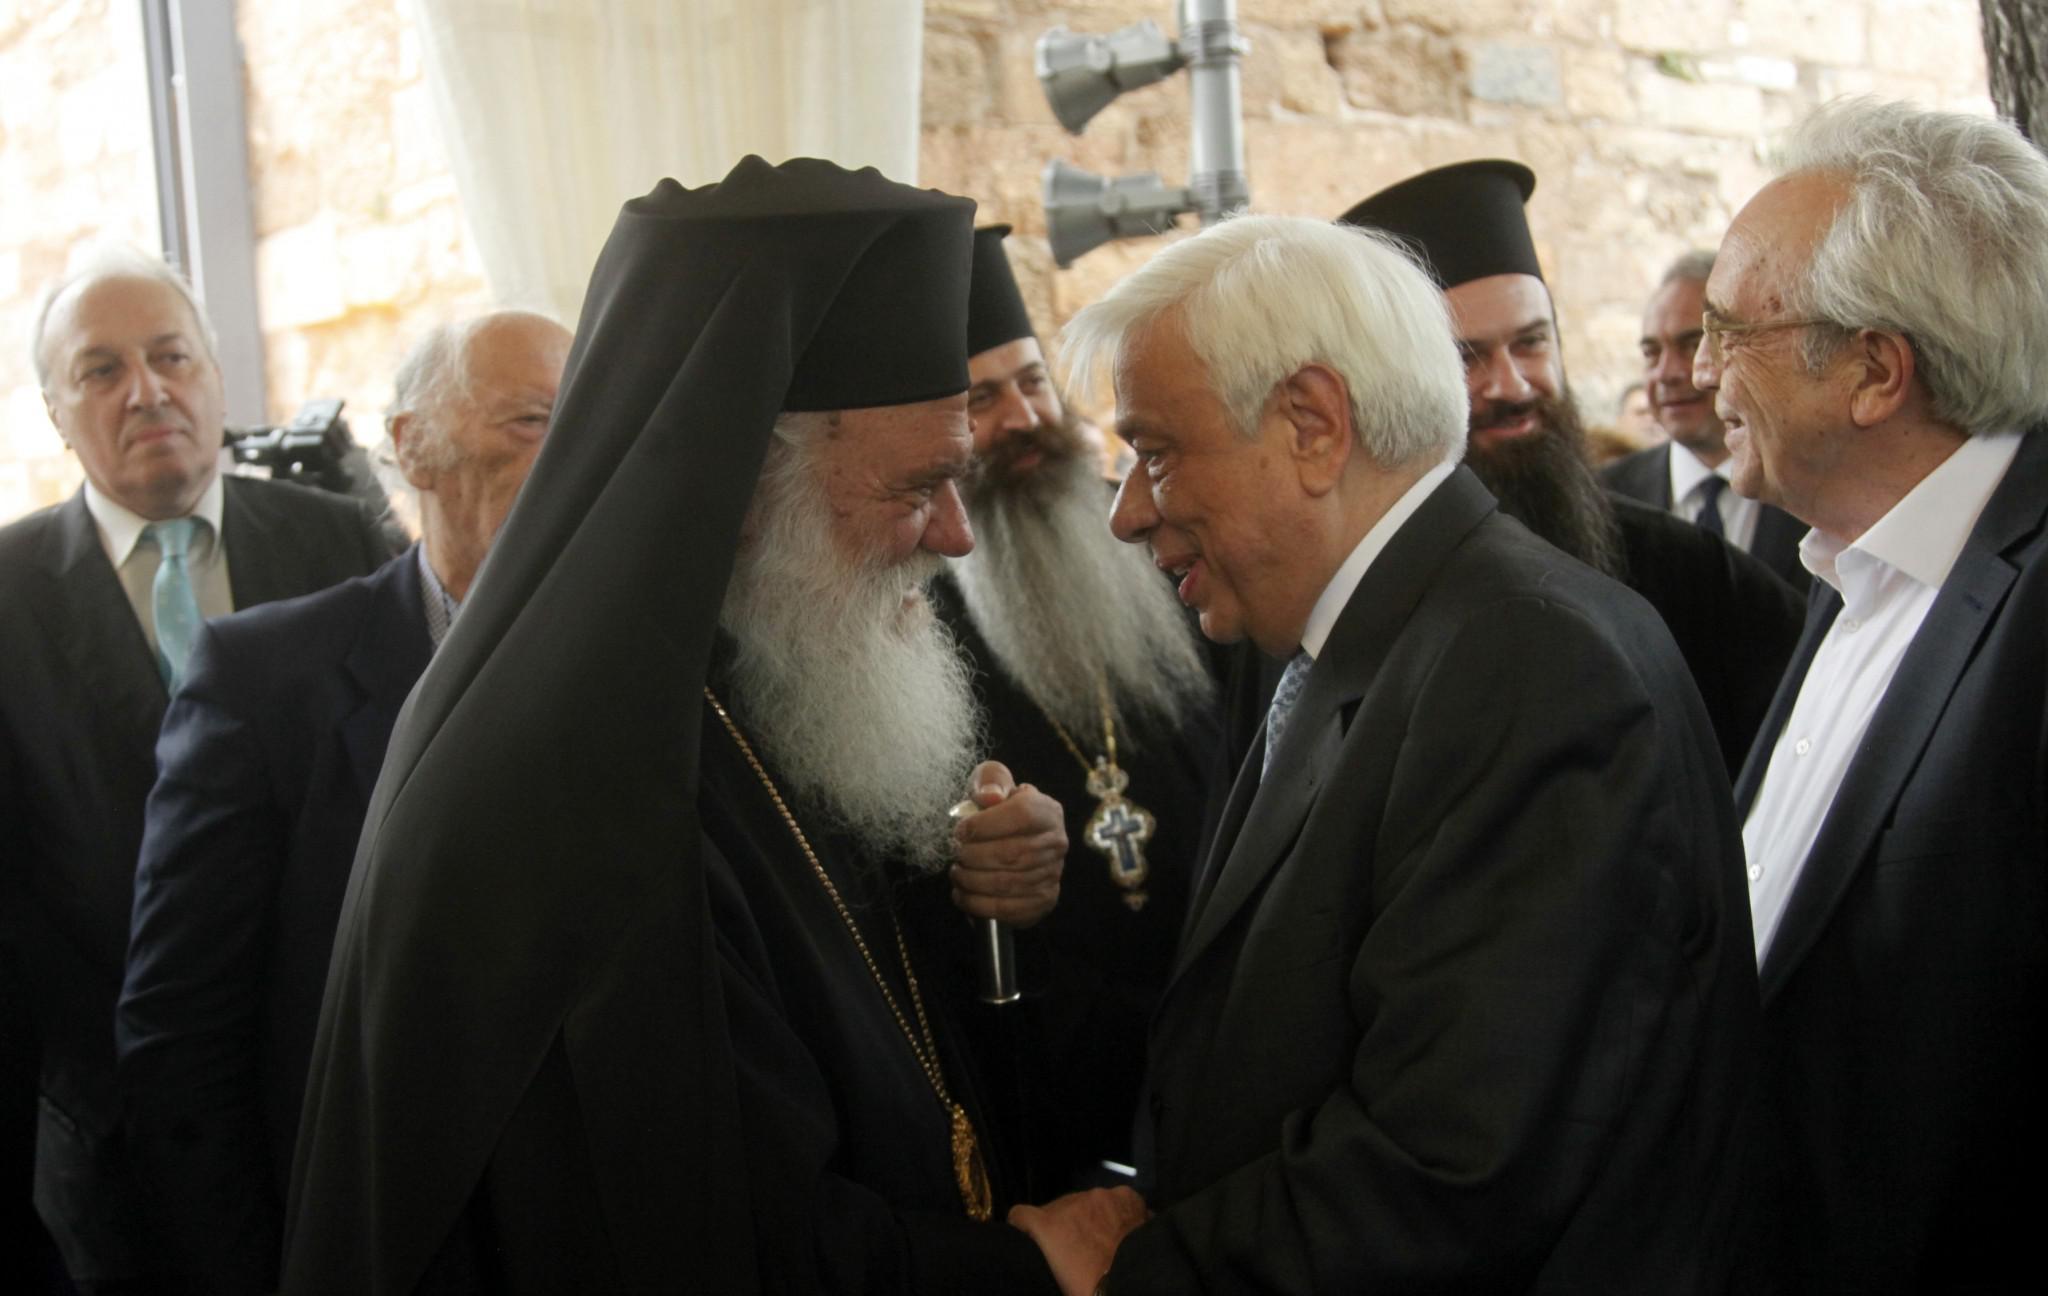 Στη Βυτίνα ο Αρχιεπίσκοπος Αθηνών και ο Πρόεδρος της Δημοκρατίας